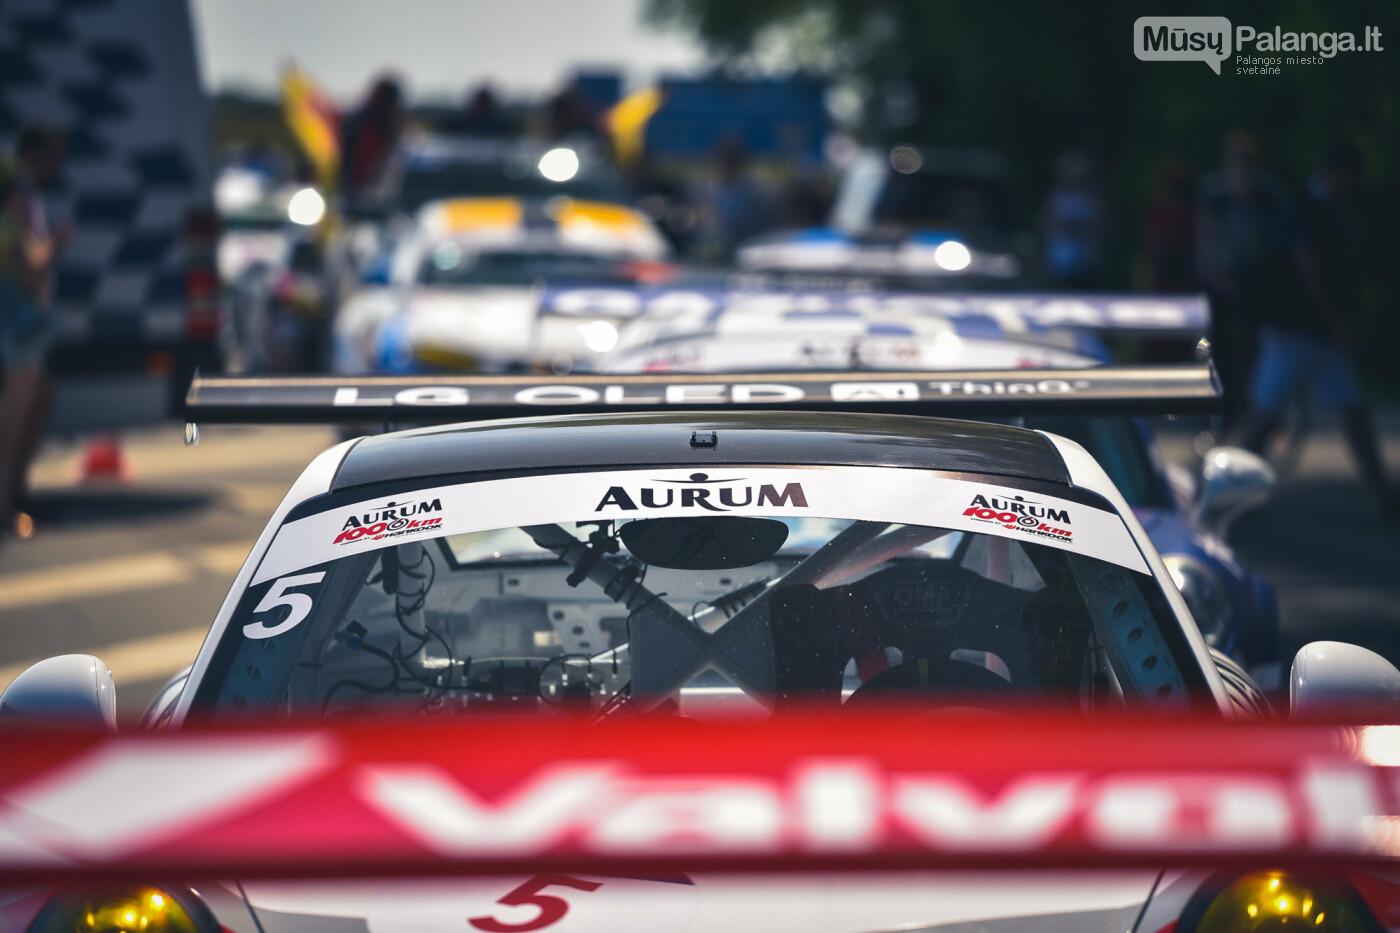 """Palanga alsuoja """"Aurum 1006 km lenktynių"""" ritmu, nuotrauka-15, Vytauto PILKAUSKO ir Arno STRUMILOS nuotr."""